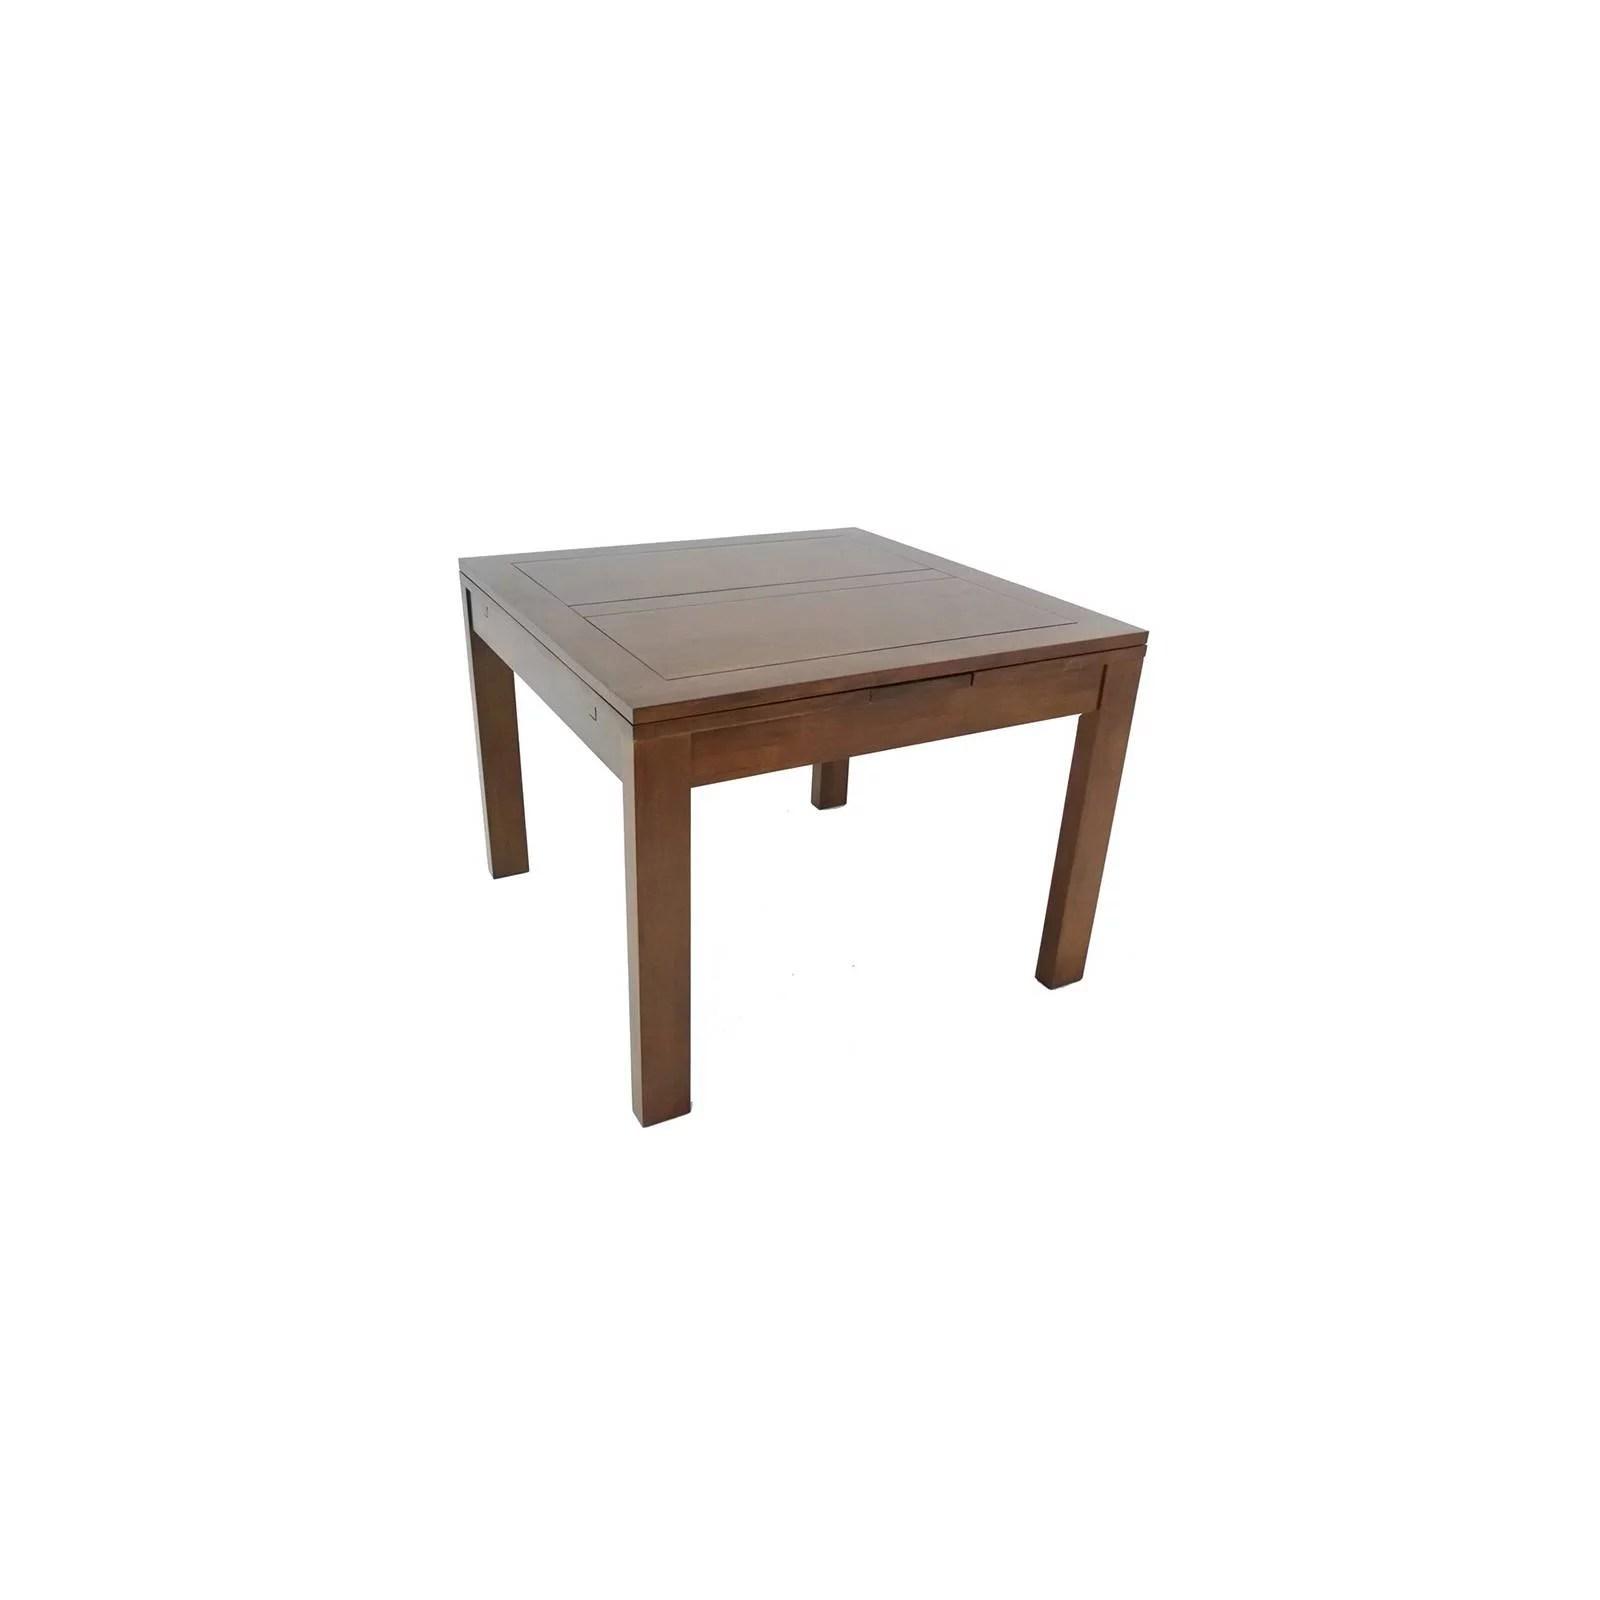 table a rallonges montreal hevea